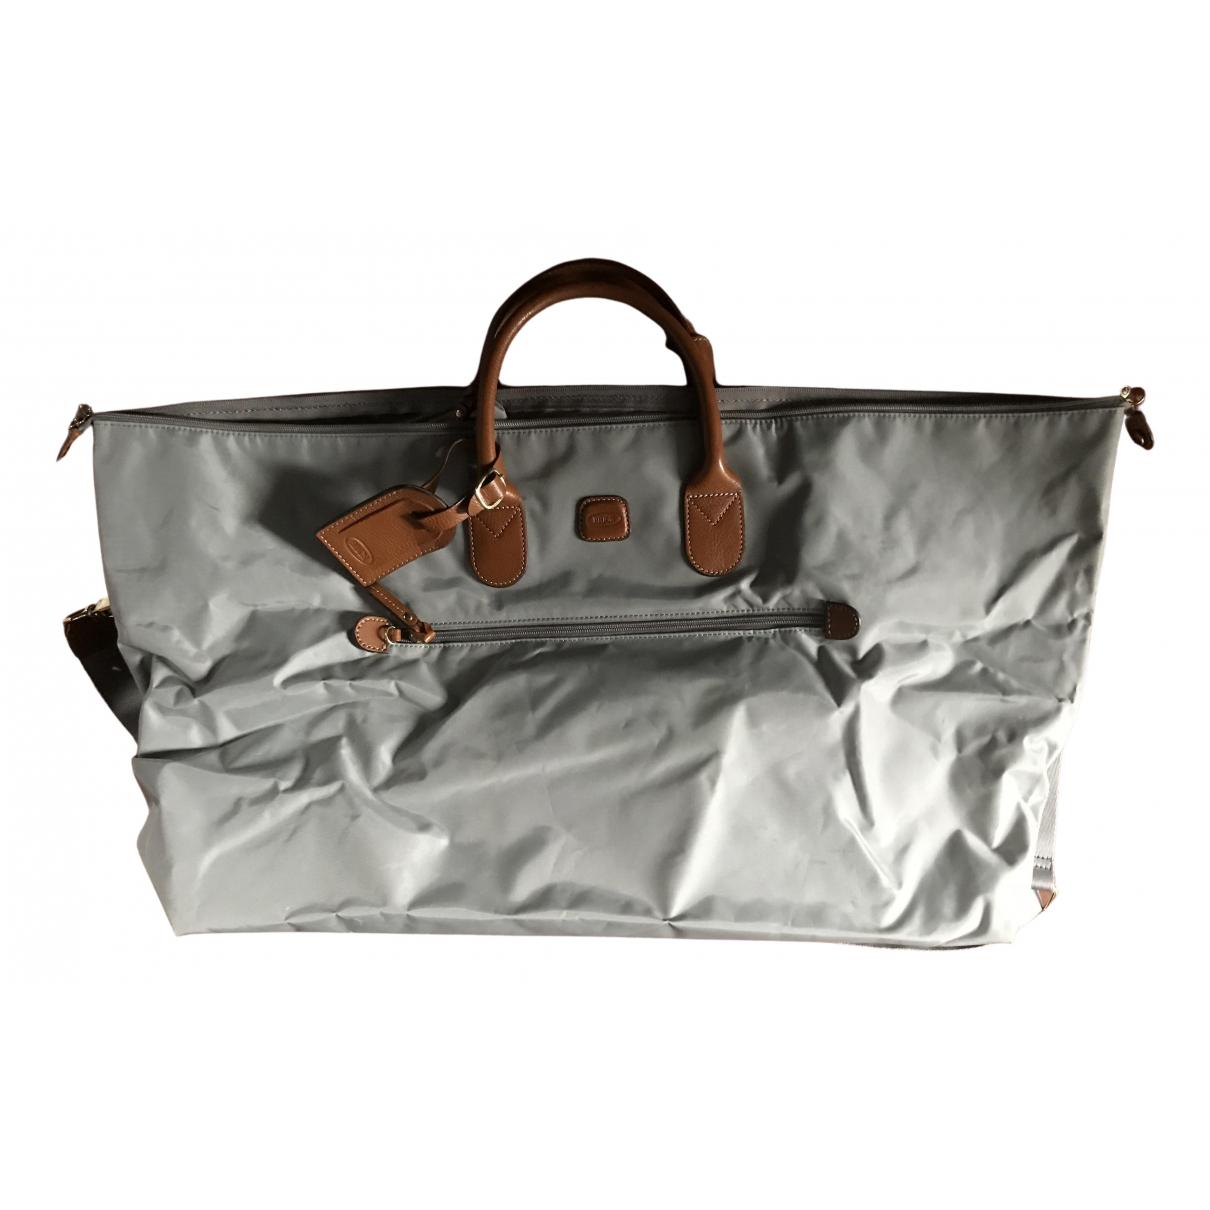 Brics - Sac de voyage   pour femme en toile - gris